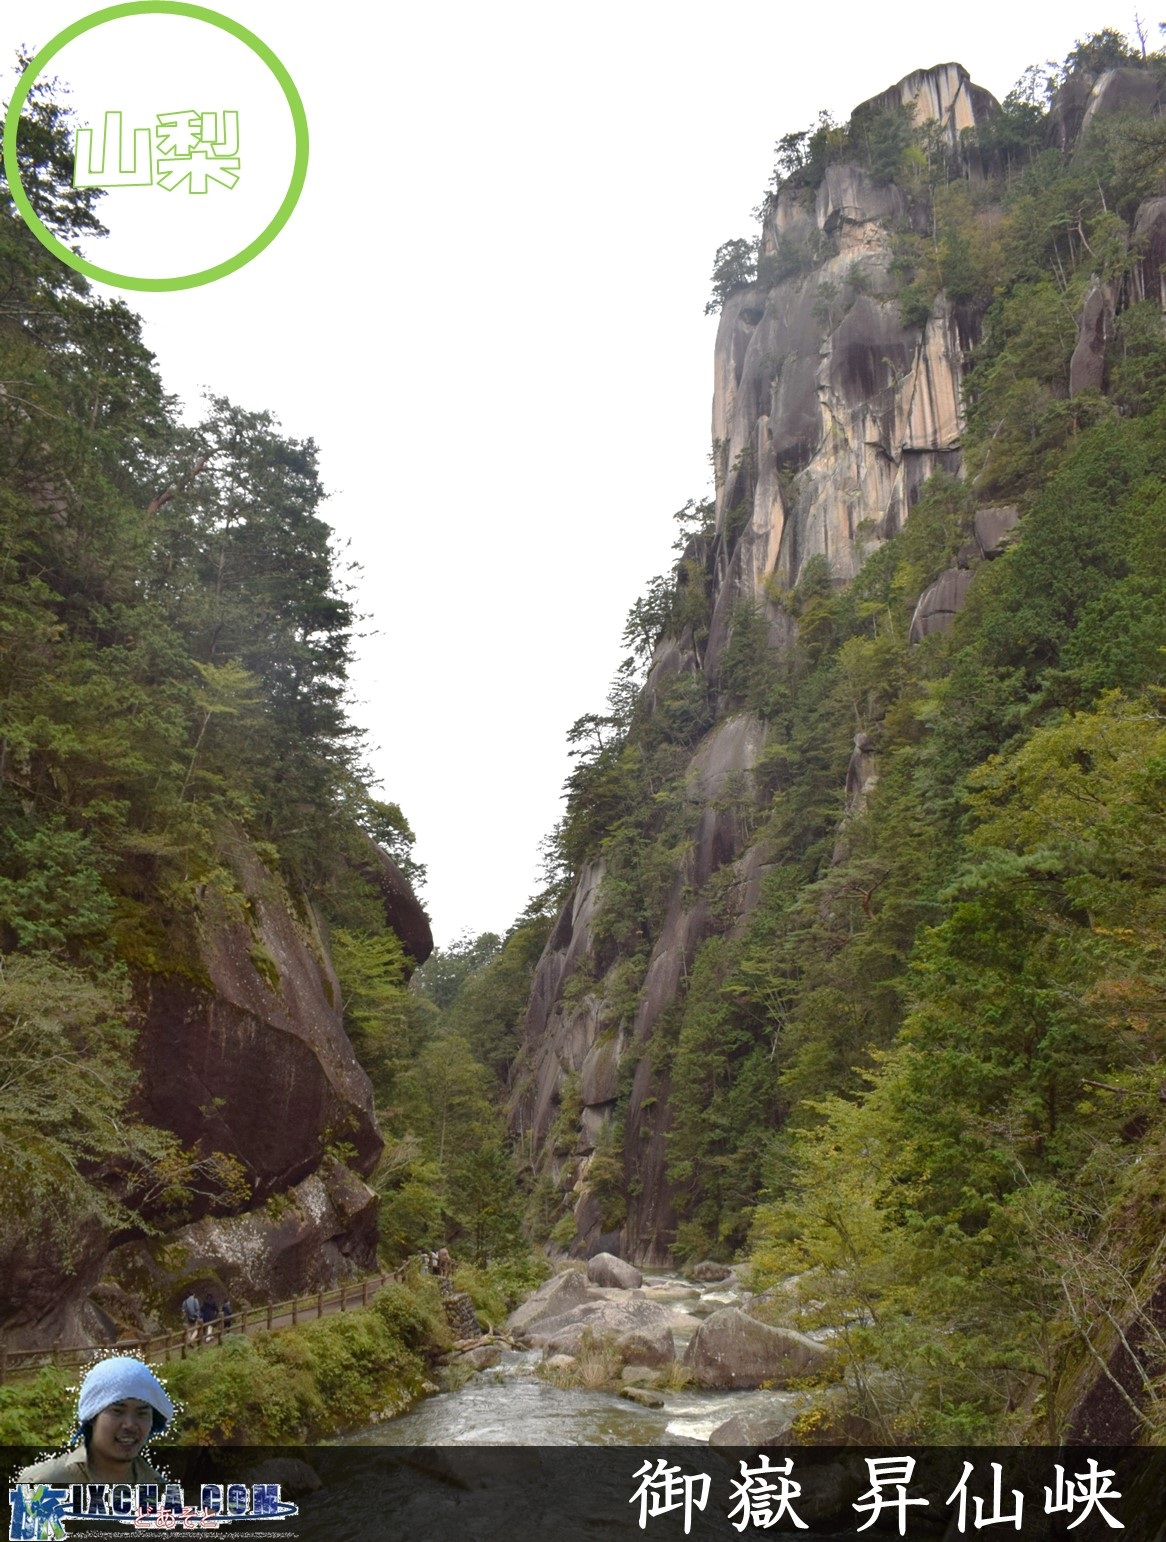 御嶽昇仙峡